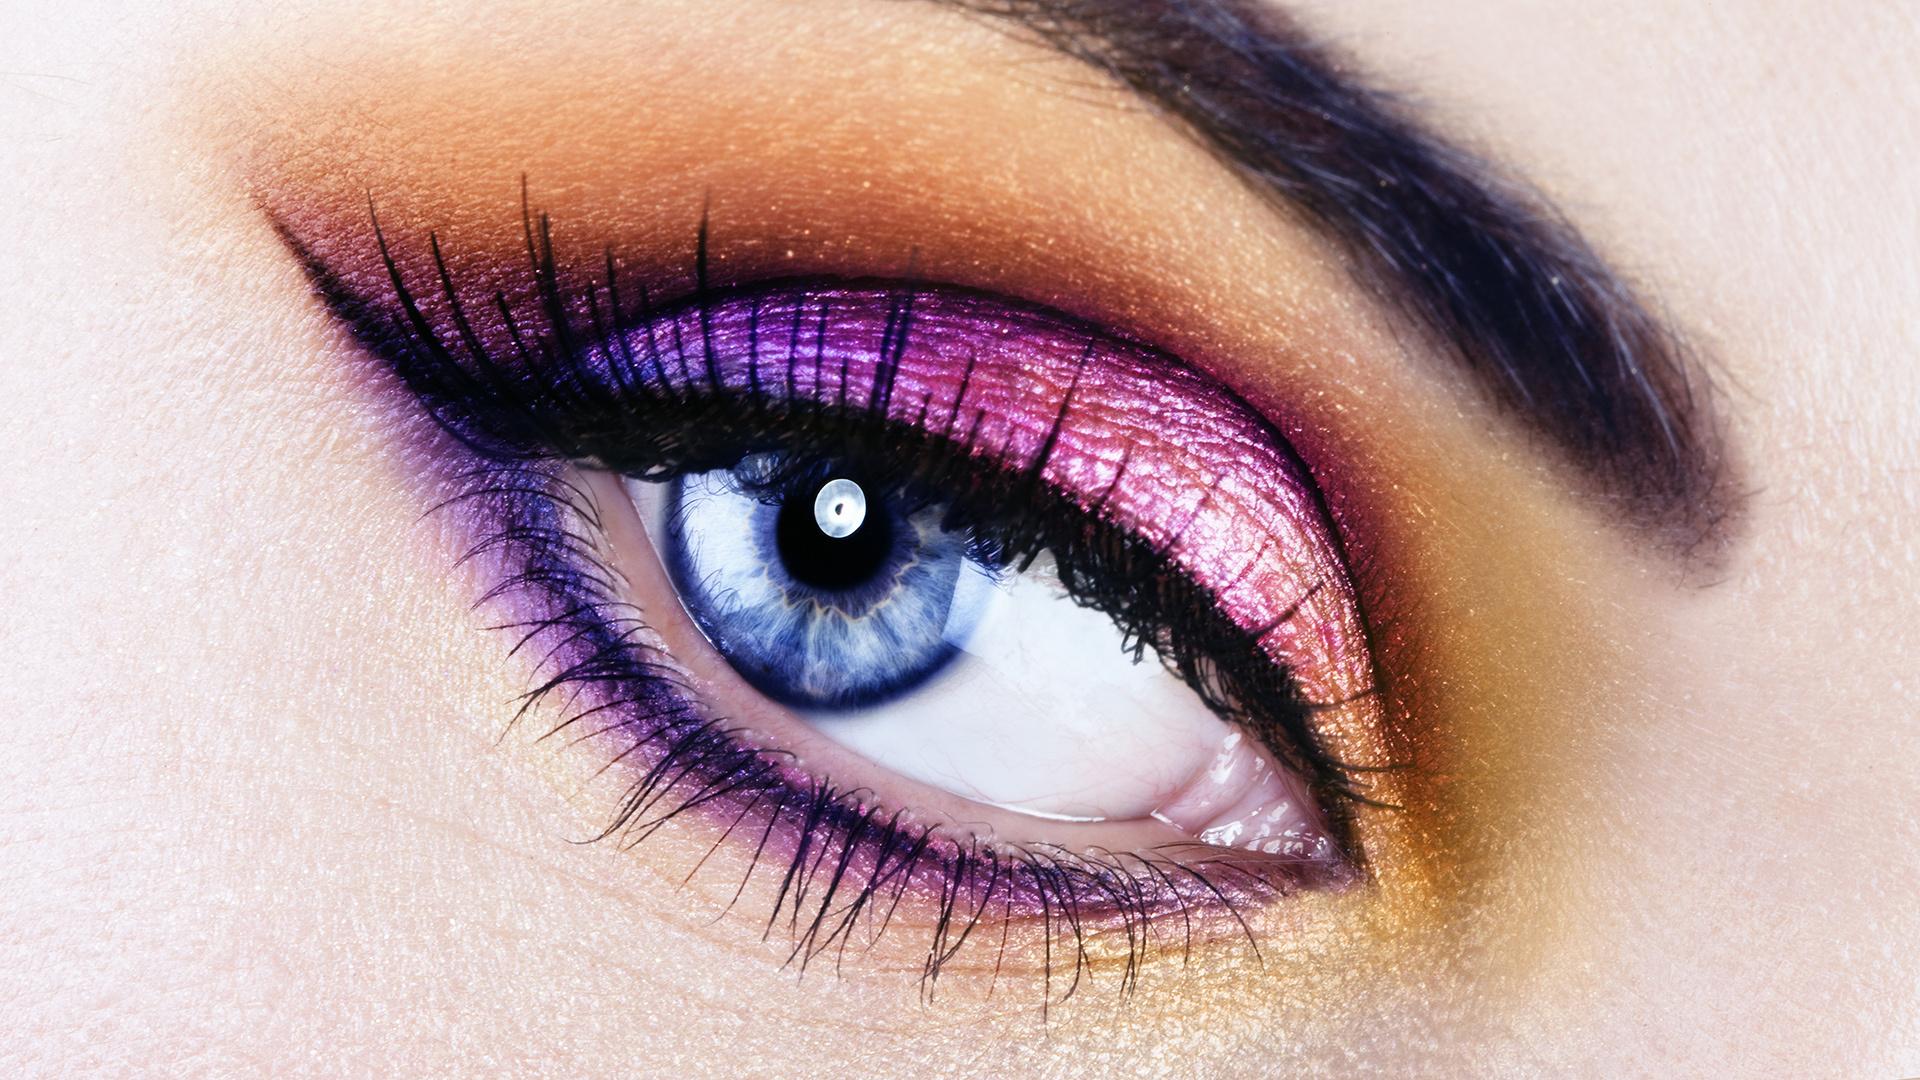 Картинки с изображением красивых глаз все еще